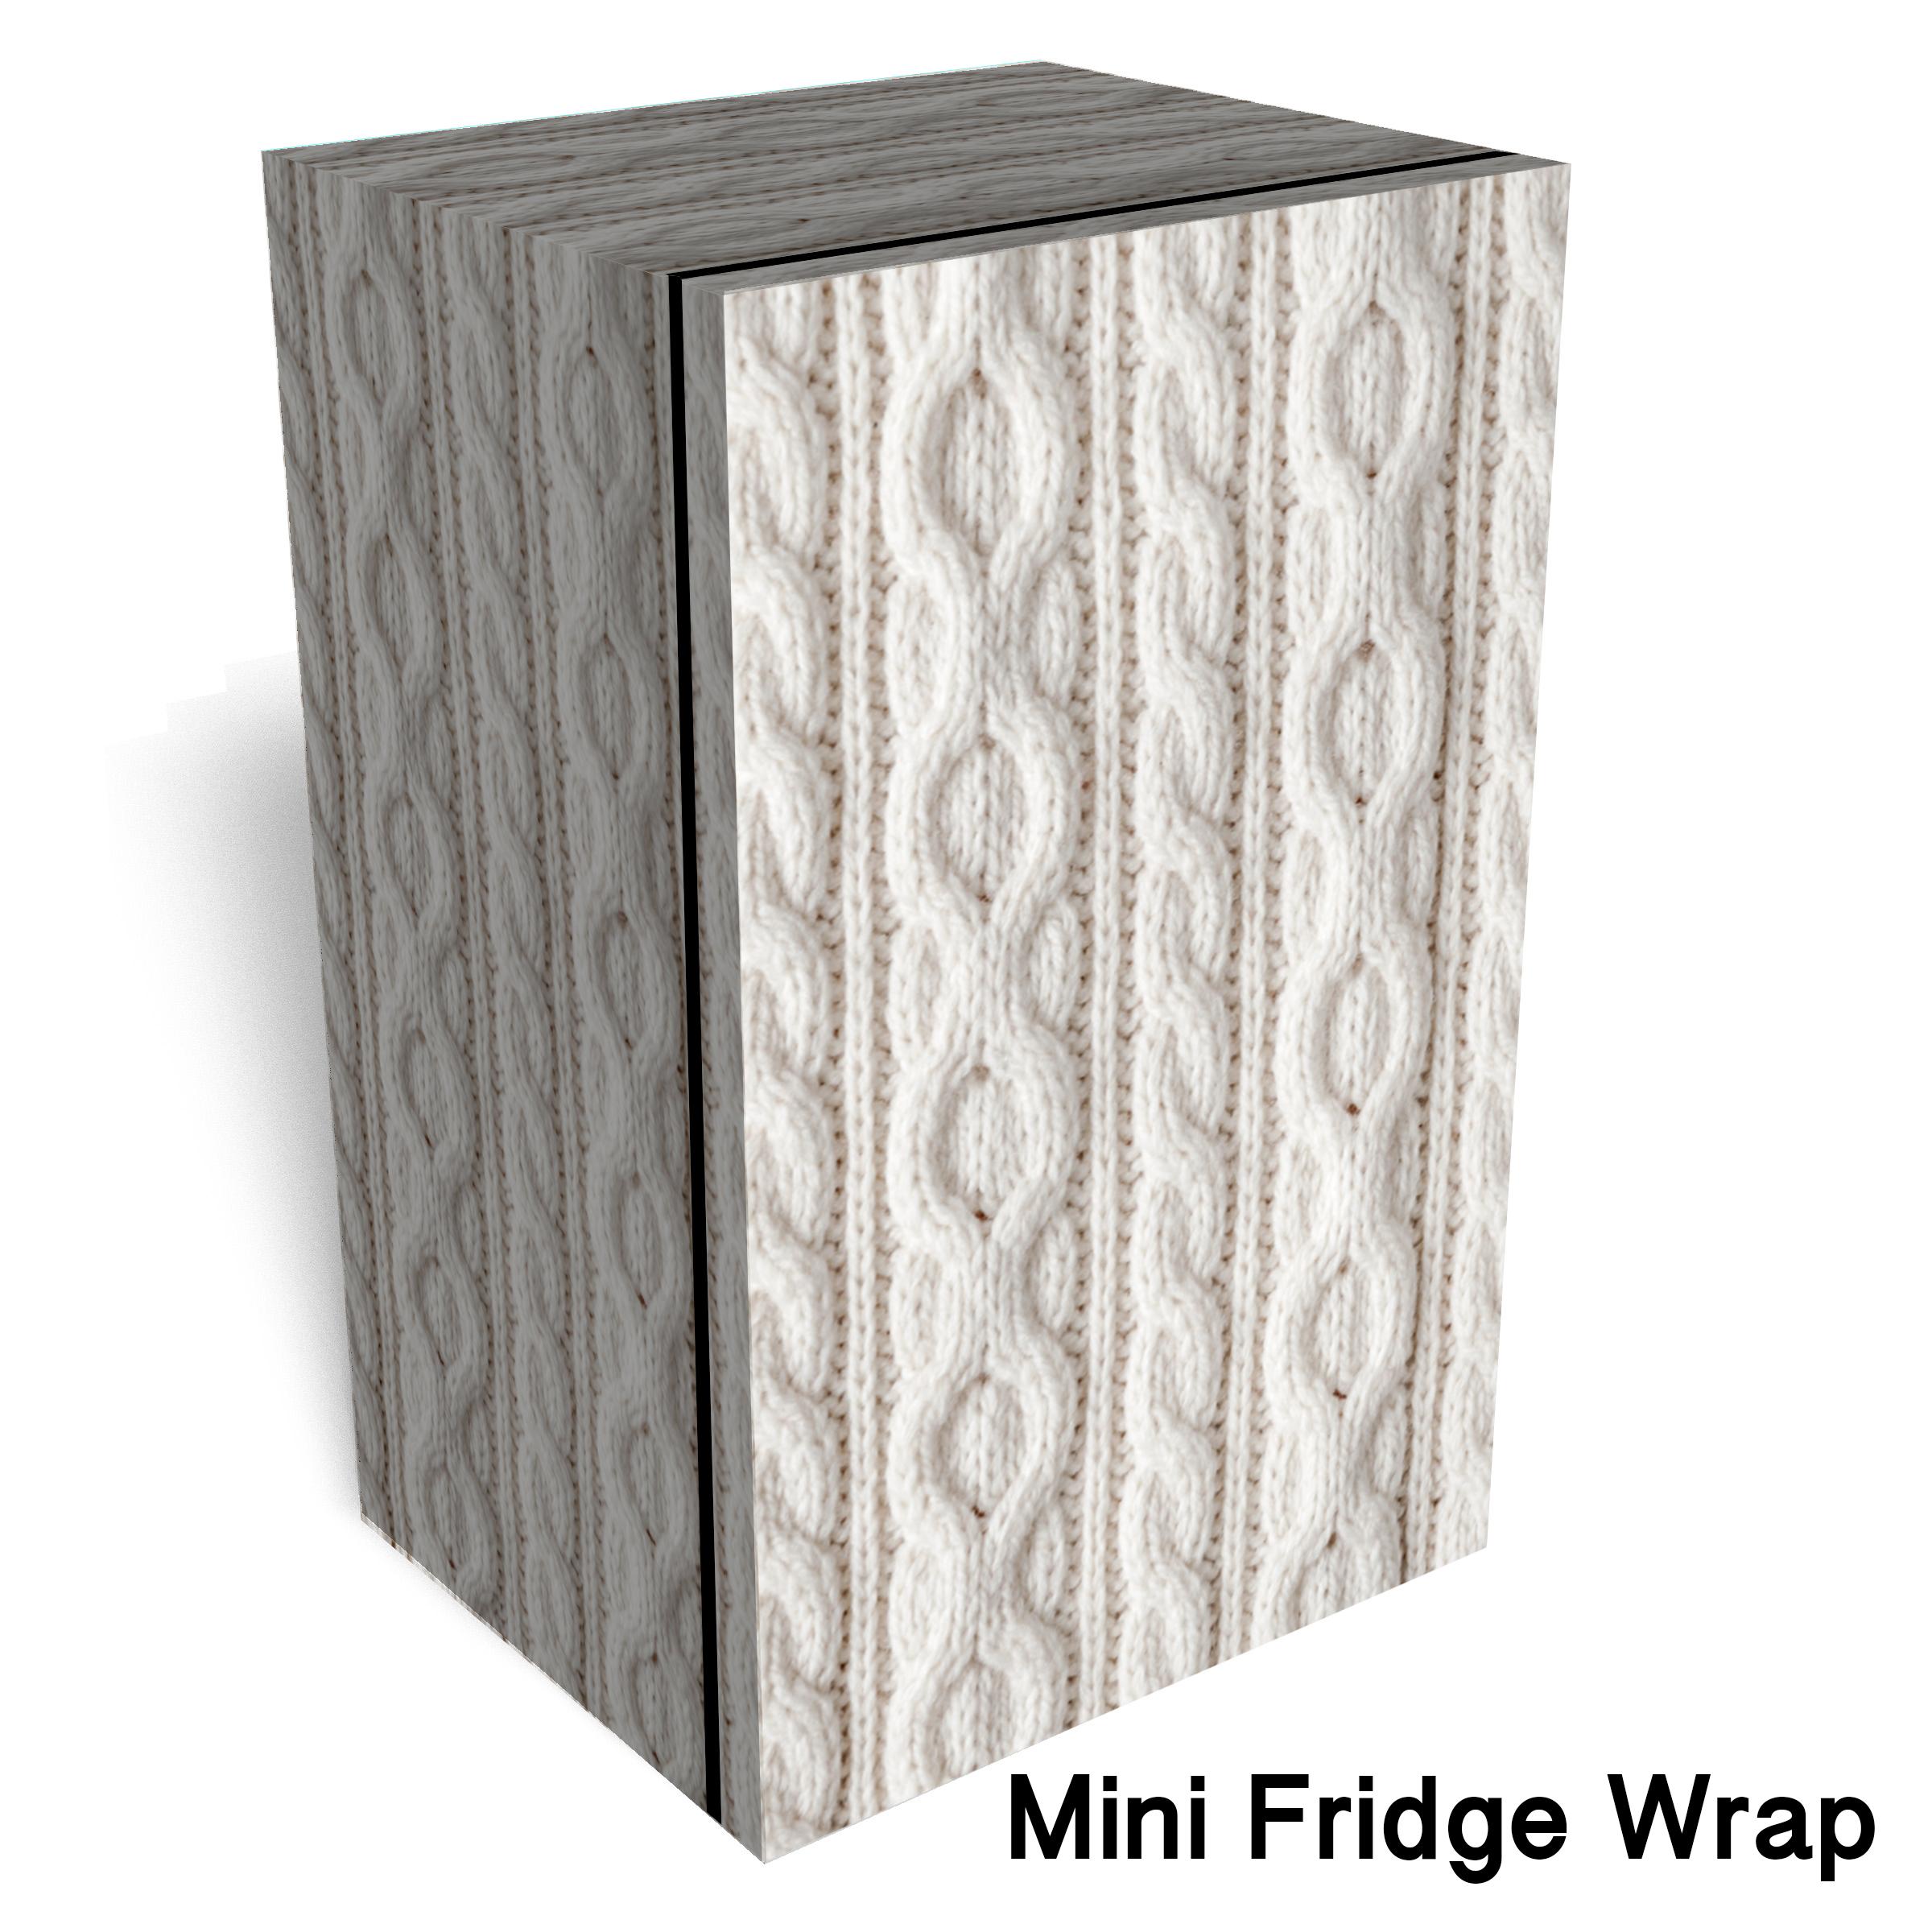 White Knit Fabric Mini Fridge Wrap